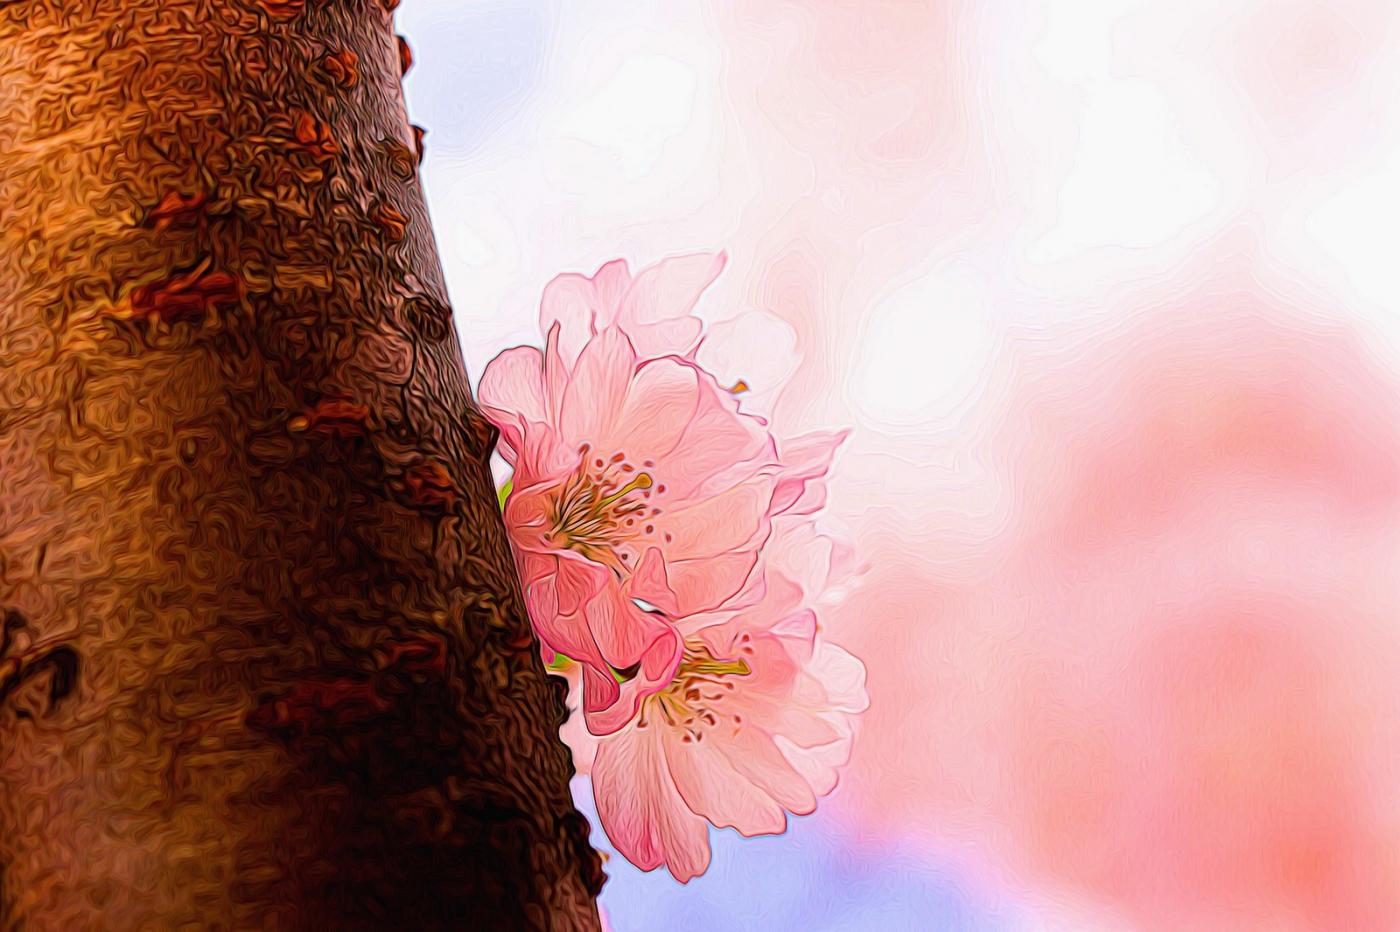 樱花秀_图1-8